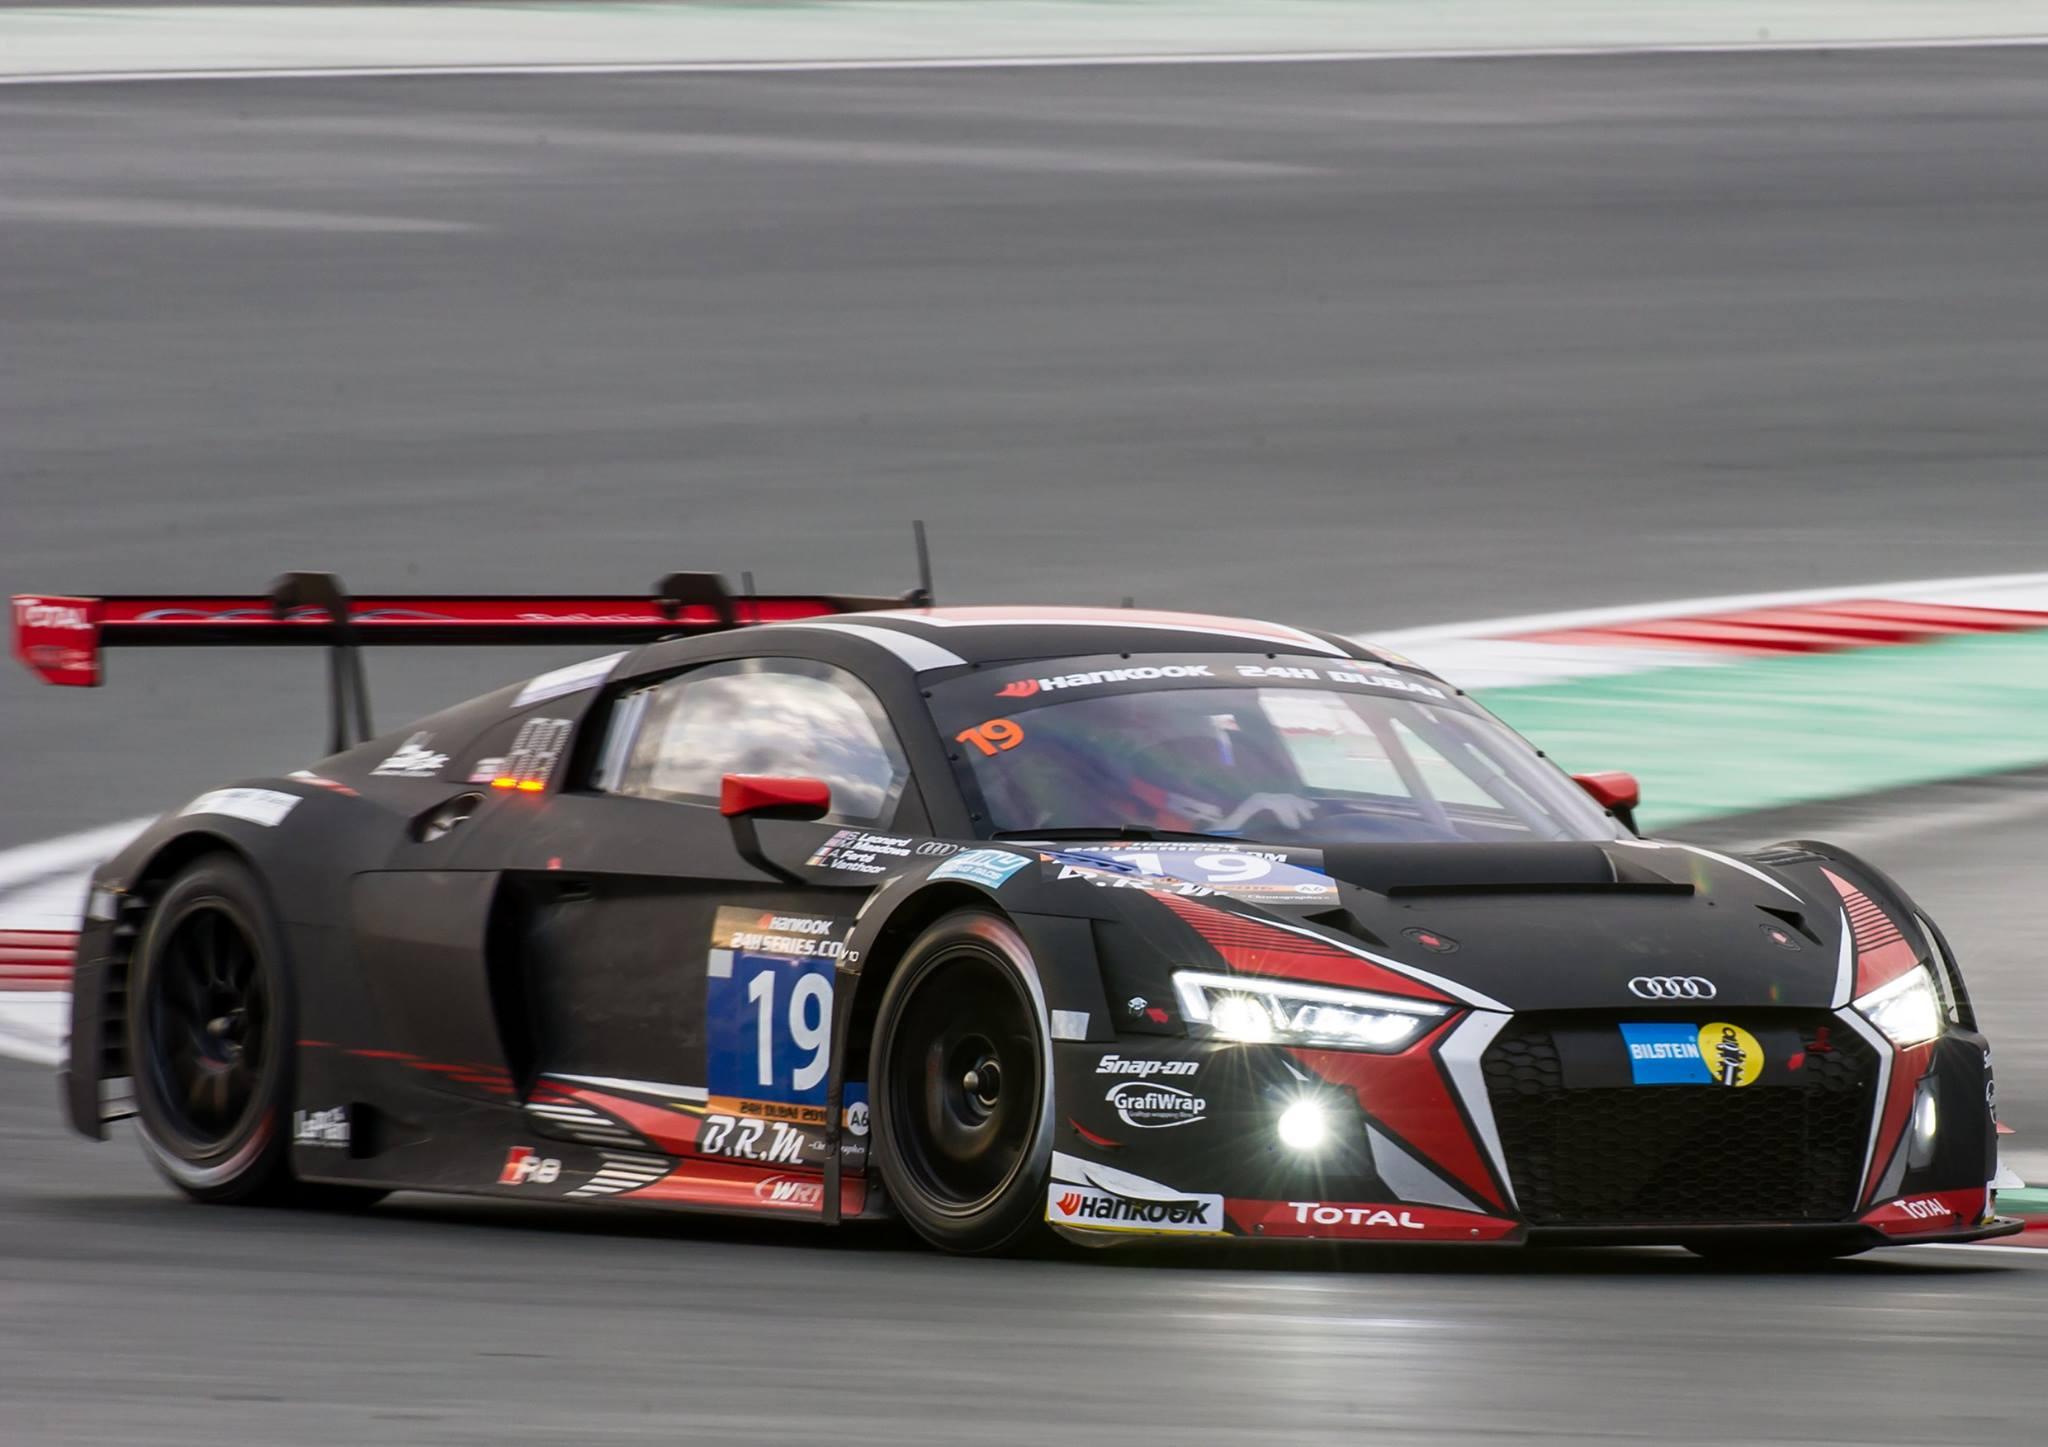 Audi scores double podium victory at 24 hours of dubai gtspirit audi r8 lms publicscrutiny Images